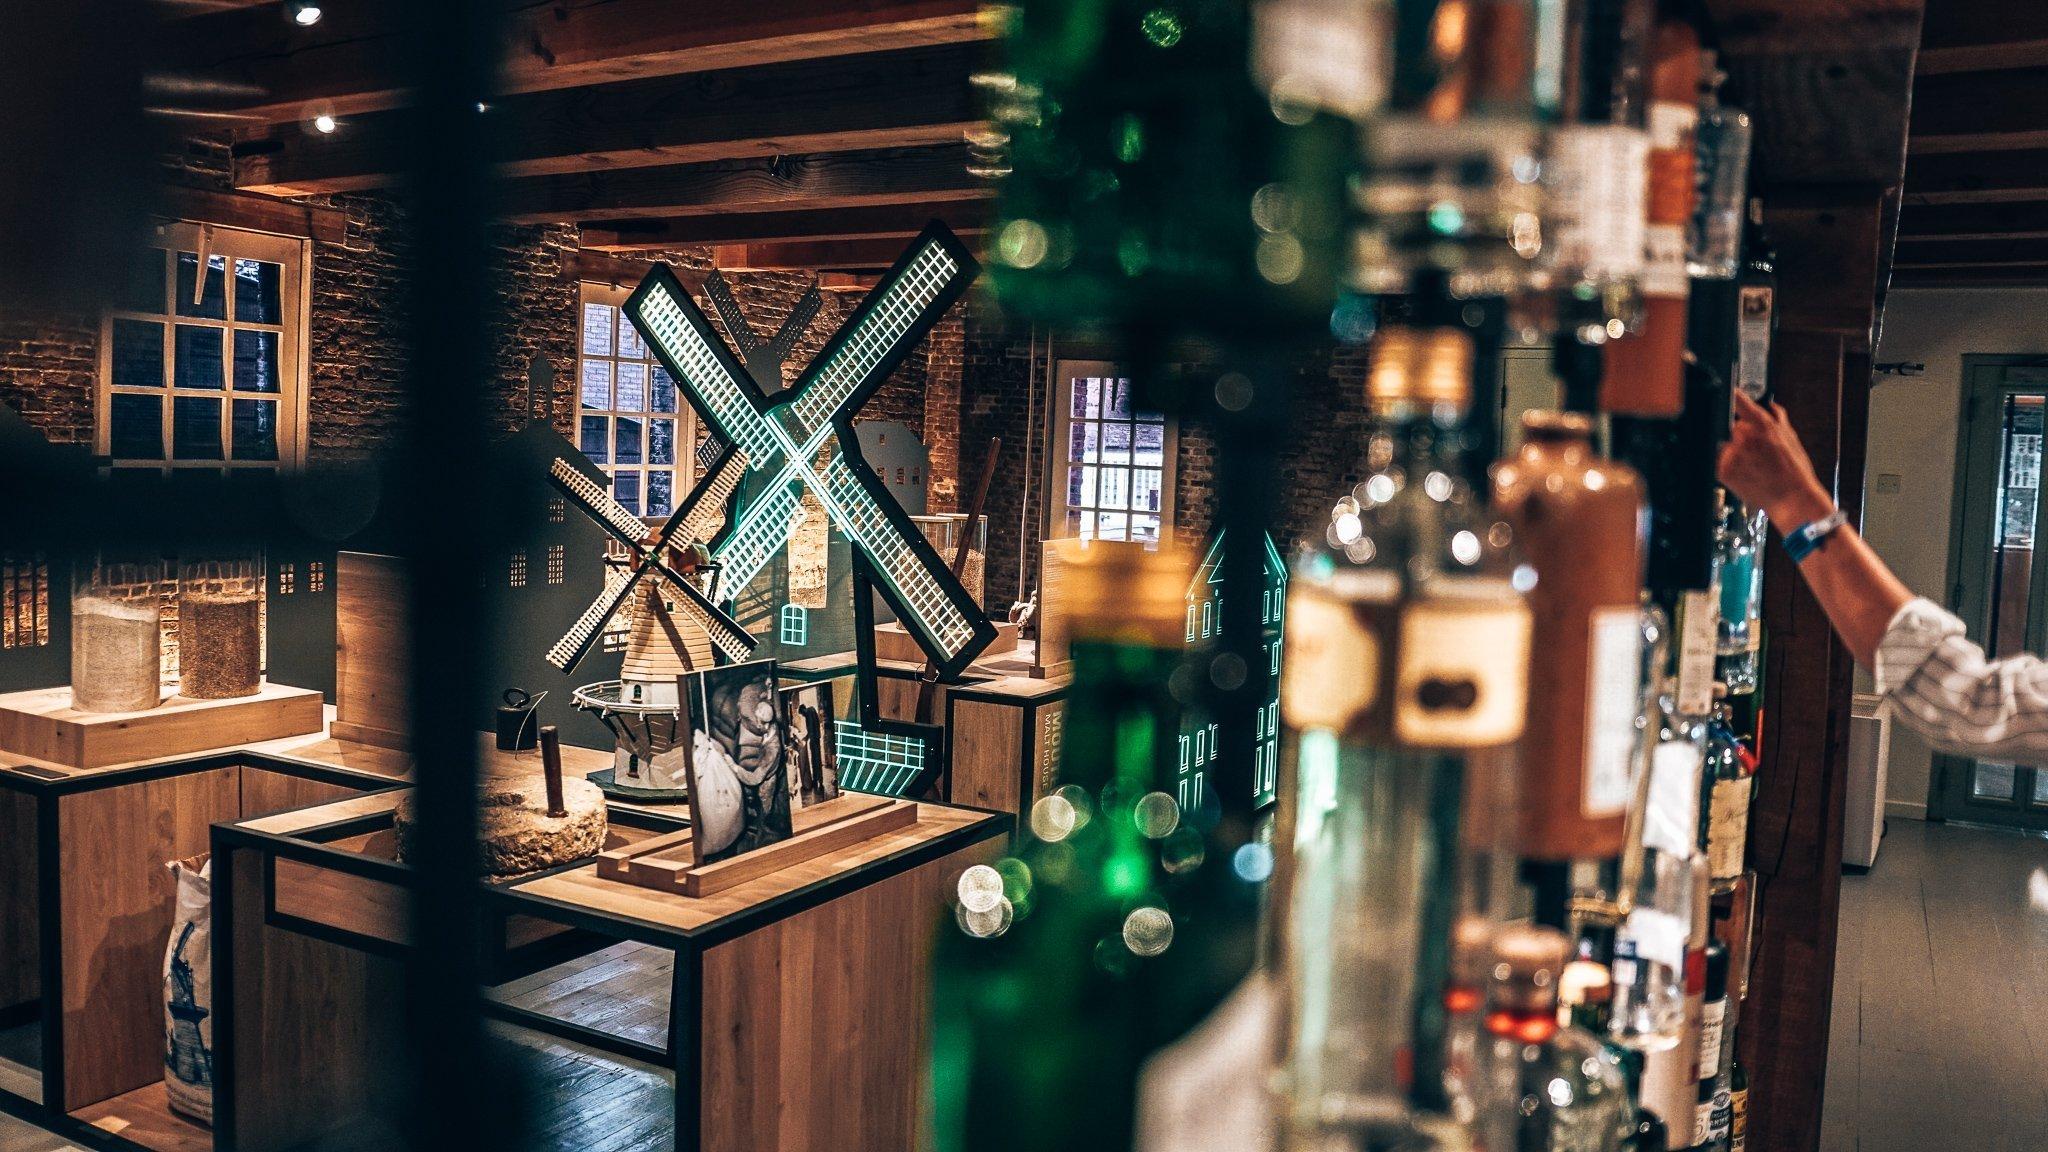 Ervaring GinFever, Jeneverfestival Schiedam, Alles over gin.